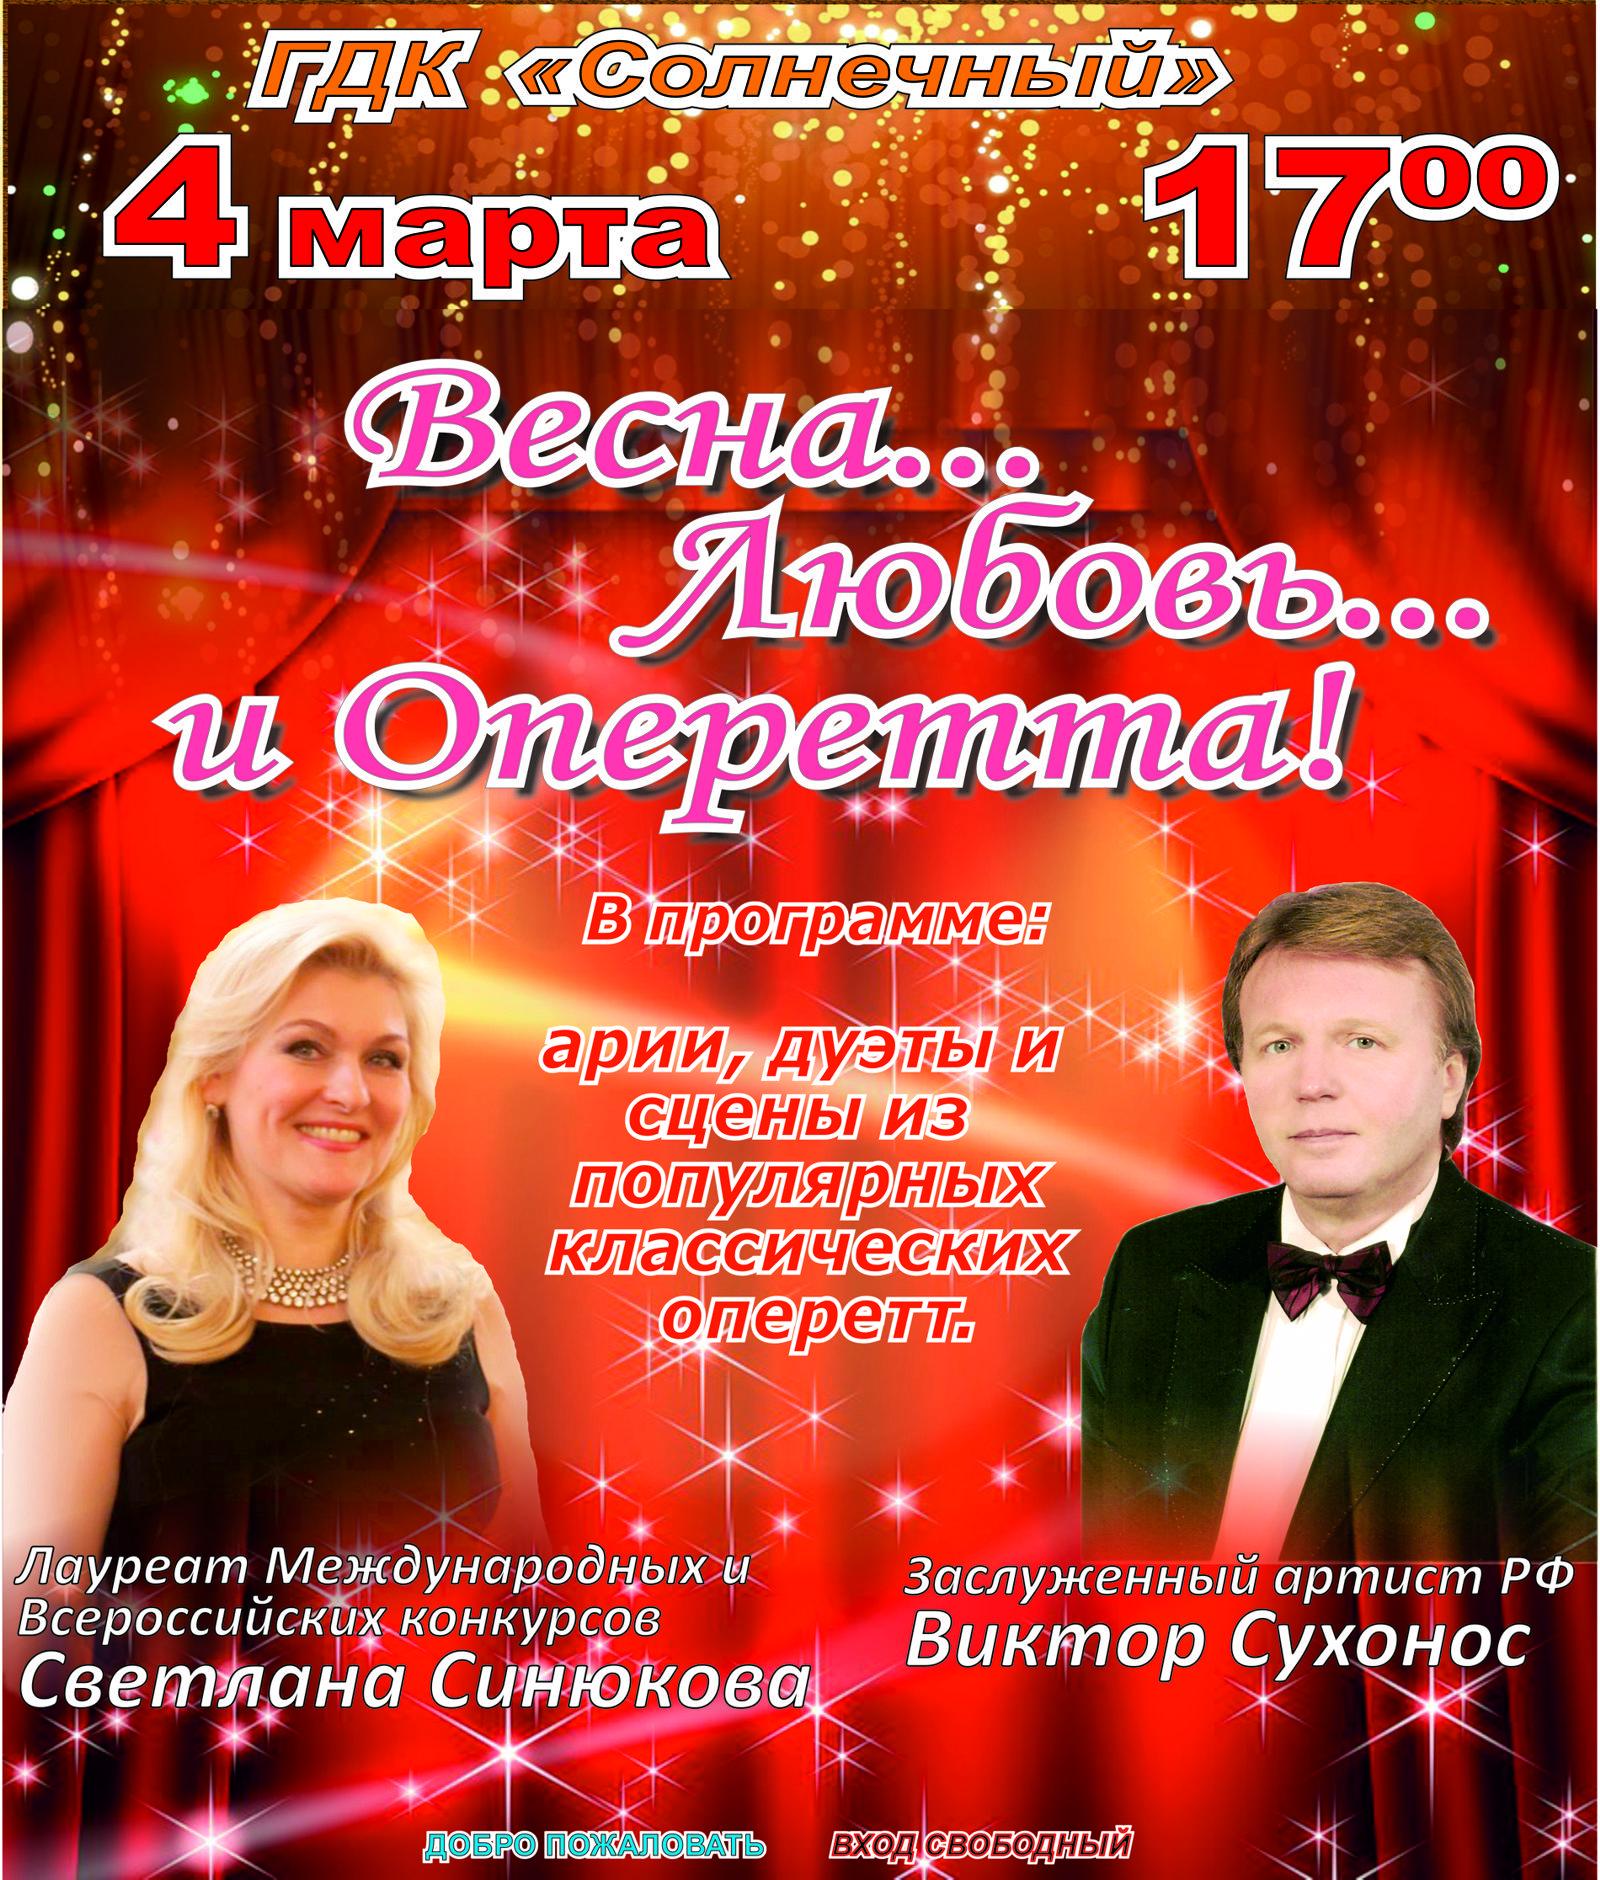 opera 4 marta